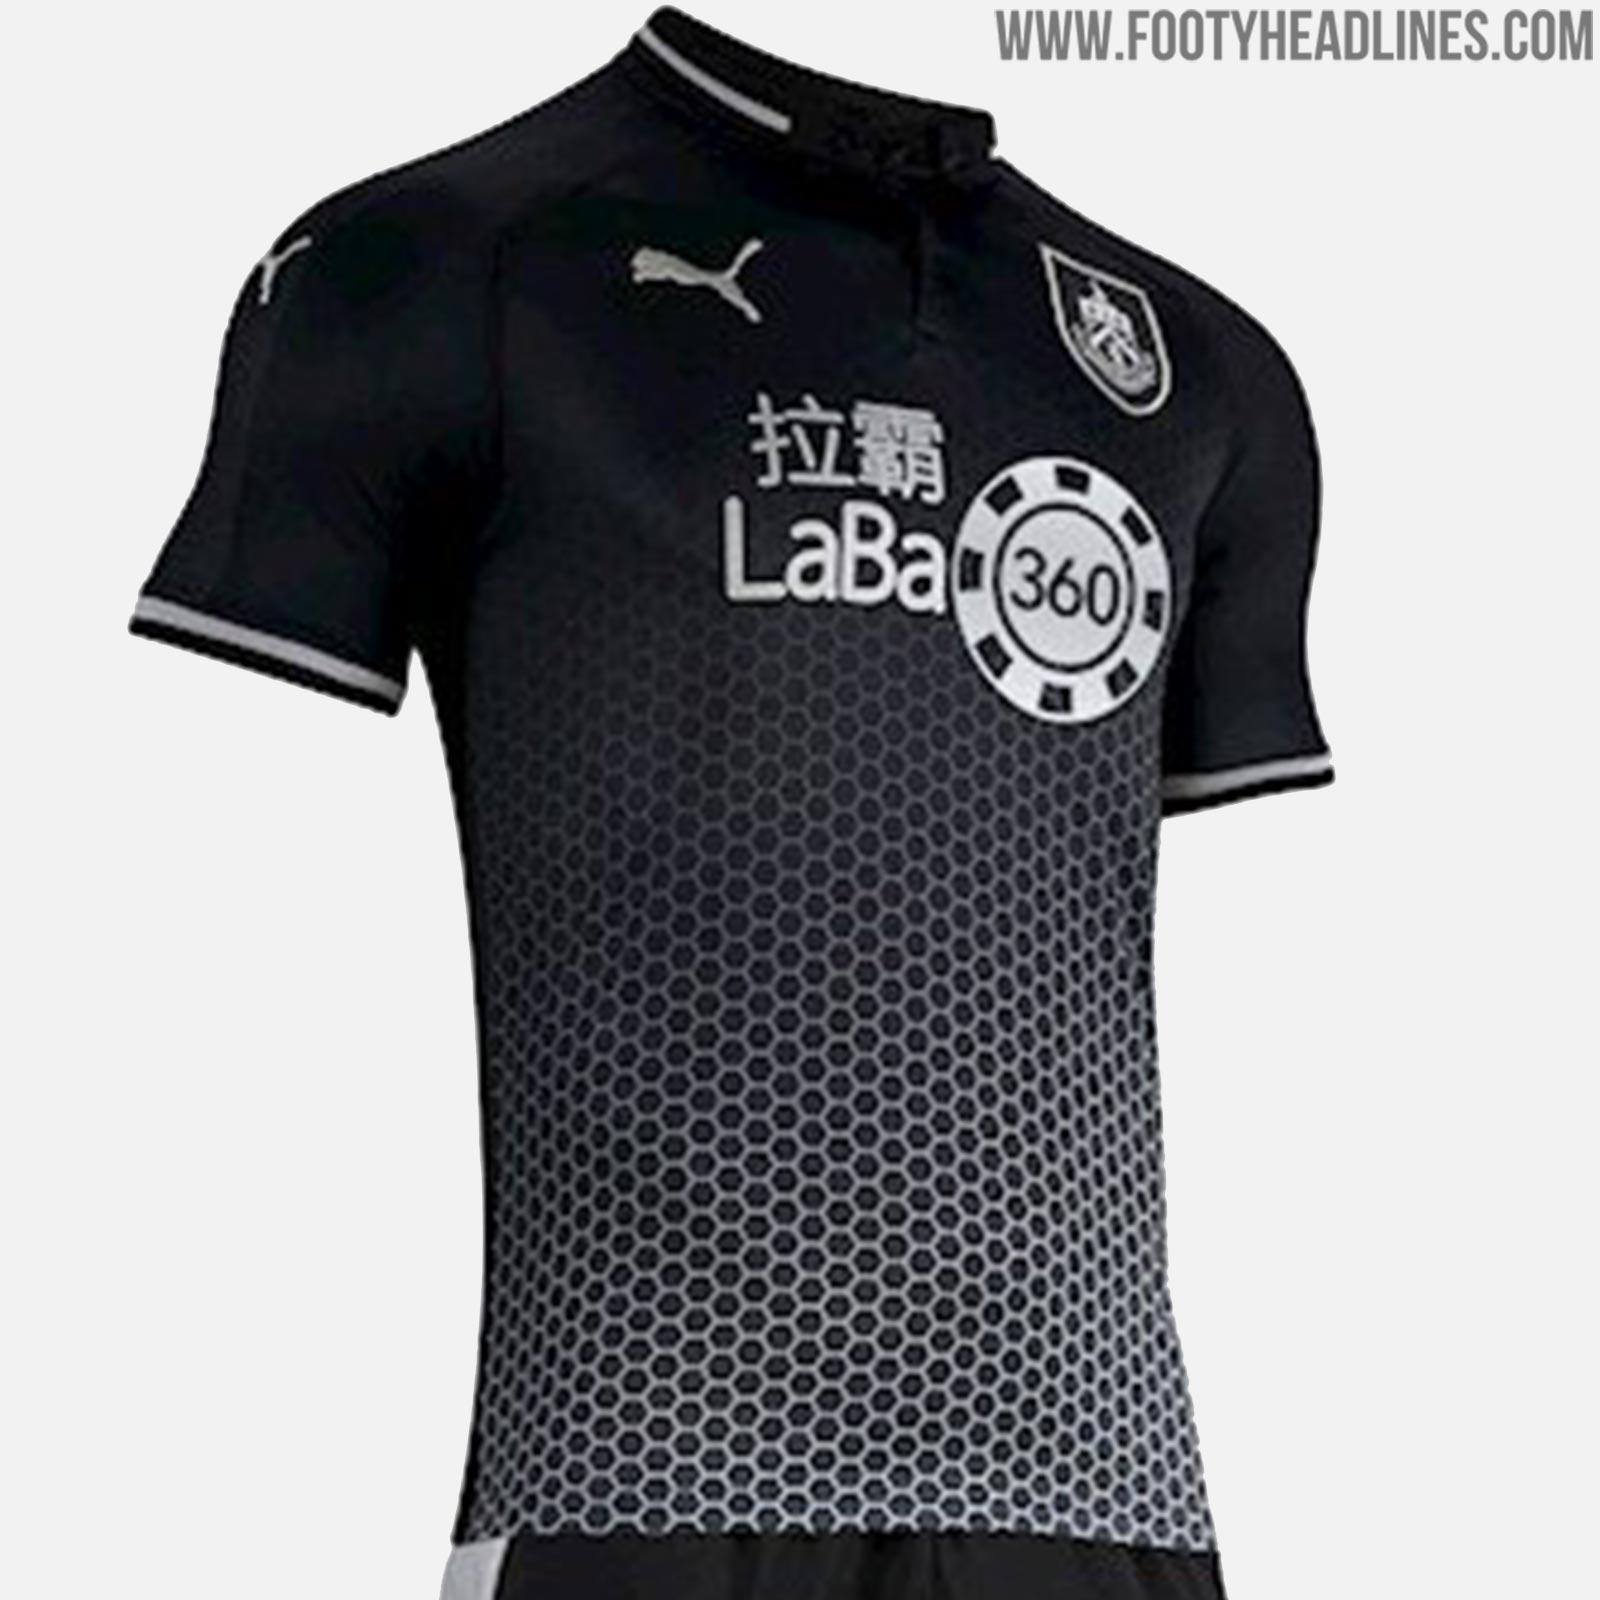 969594ba0d3 Burnley 18-19 Away Kit Released - Footy Headlines